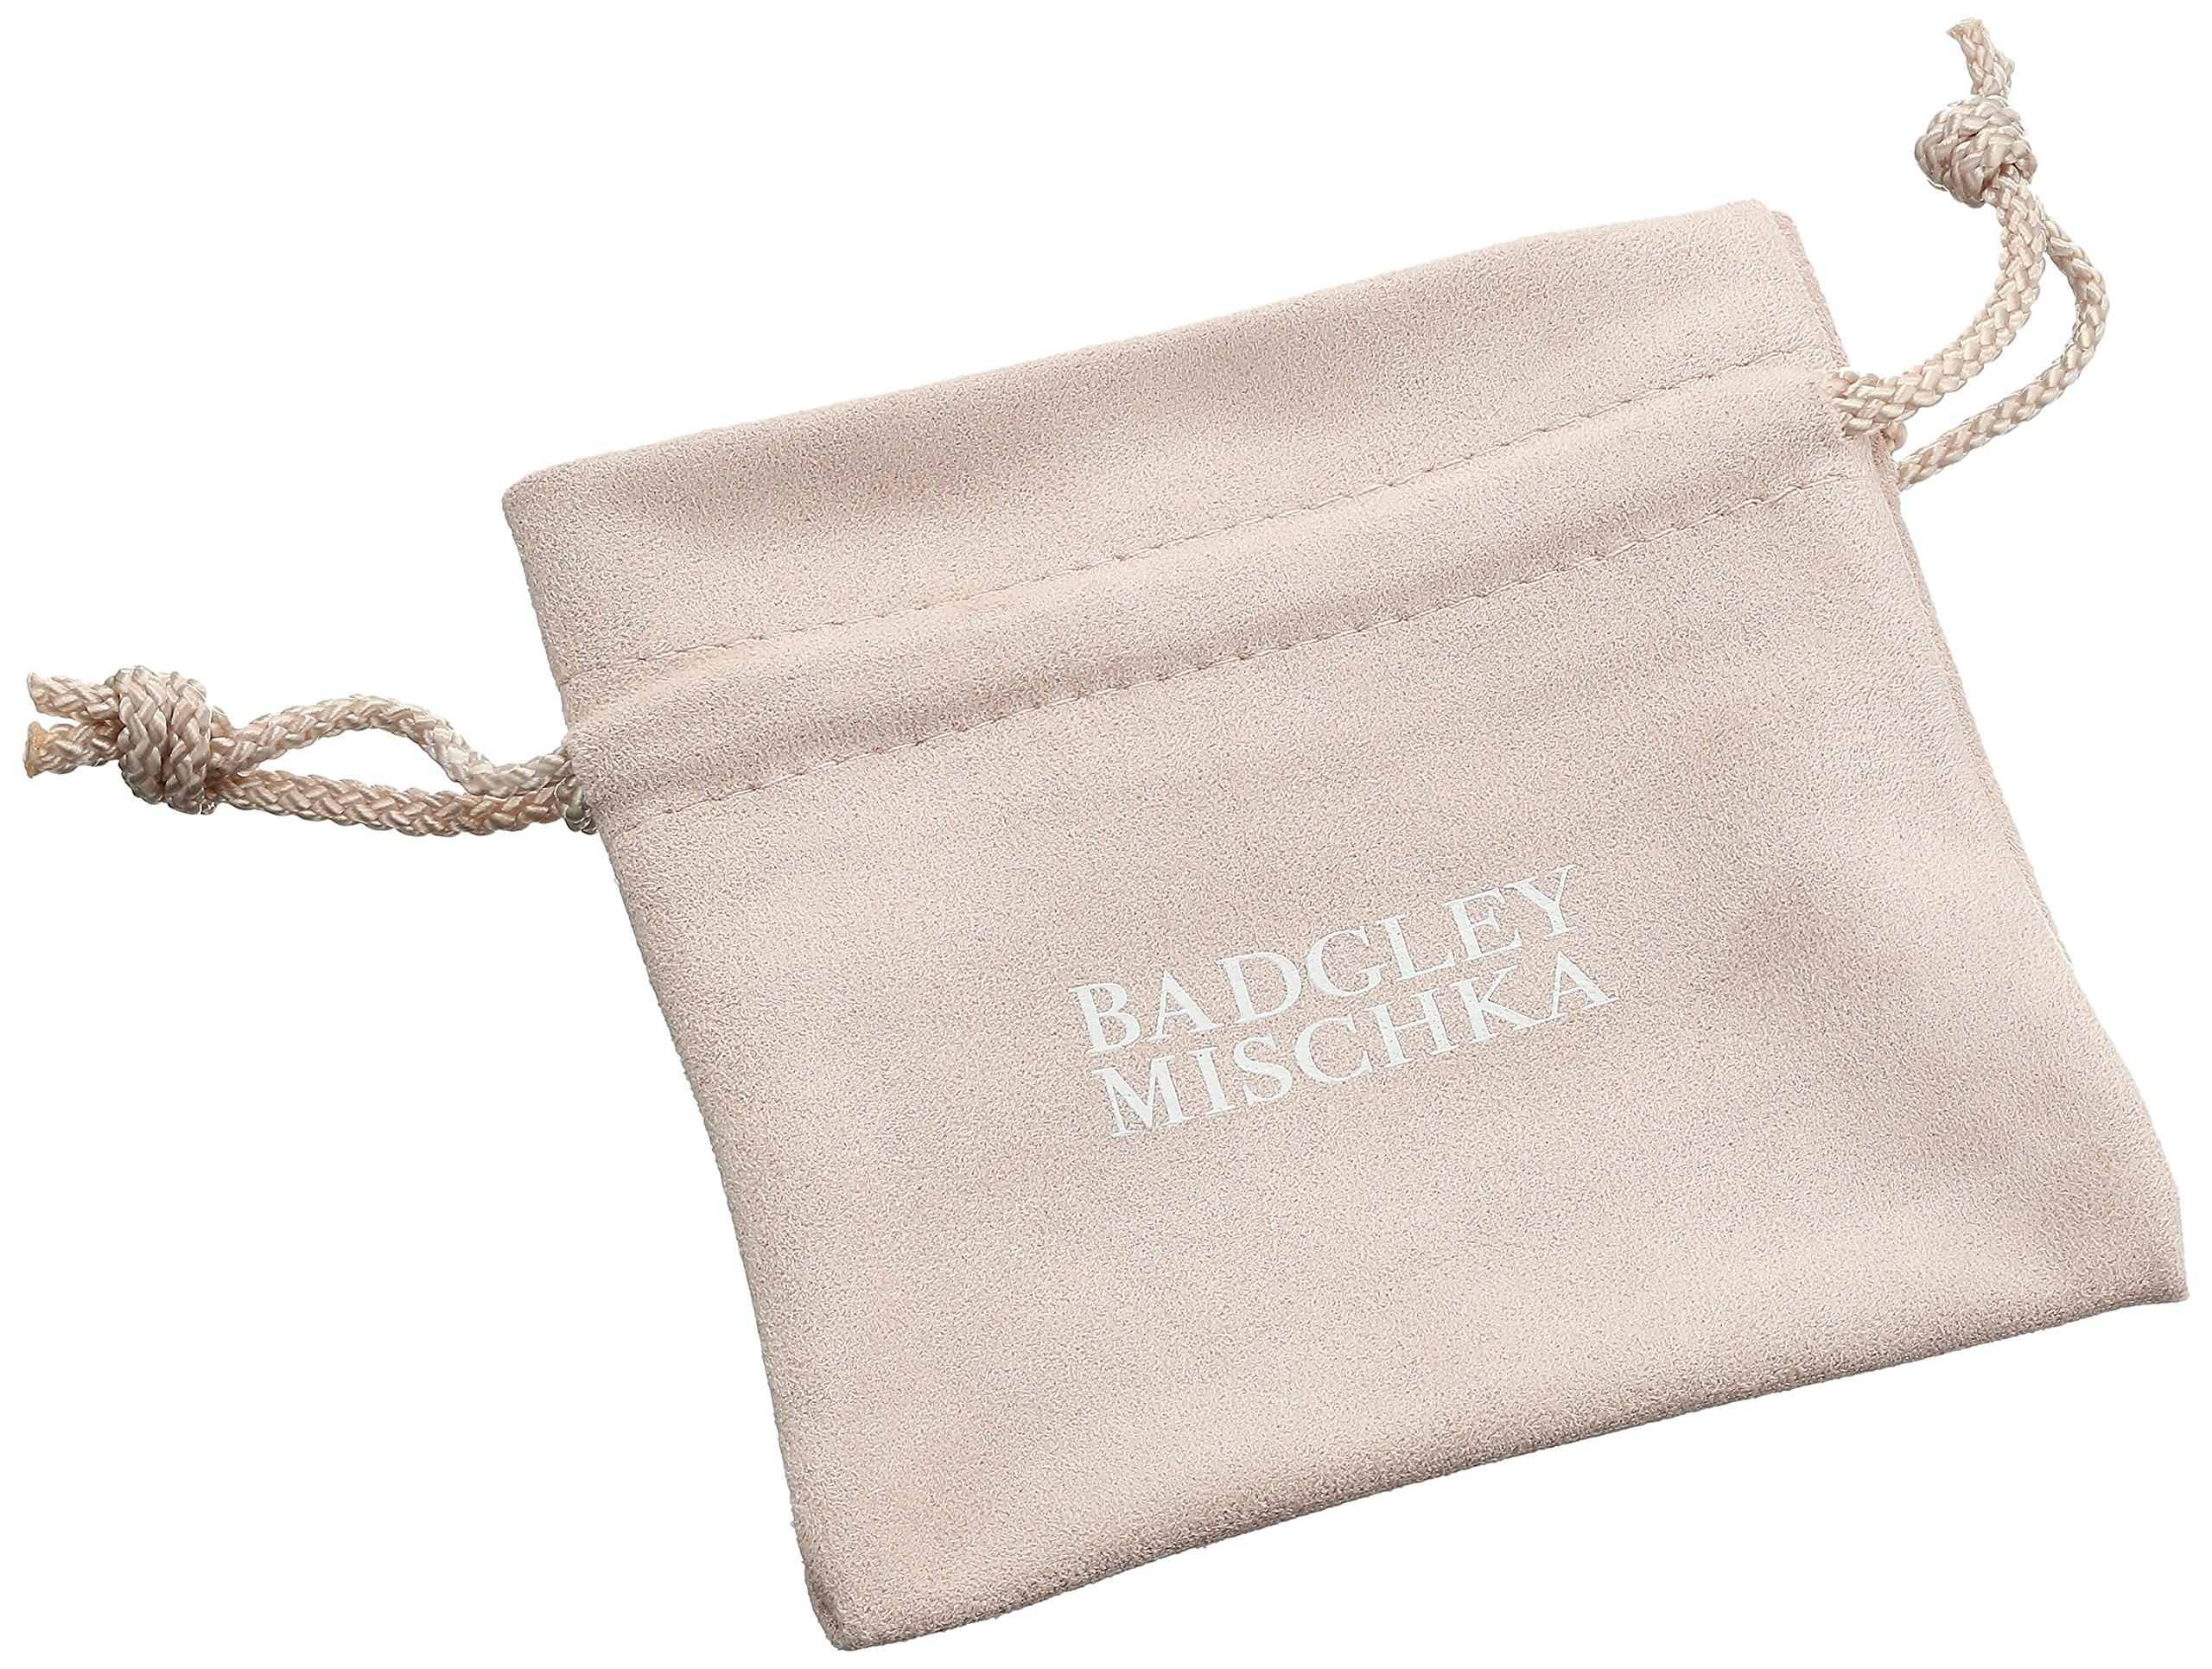 Badgley Mischka Womens Pink Ombre Triple Tassel Drop Earrings, Gold Tone, One Size by Badgley Mischka (Image #3)